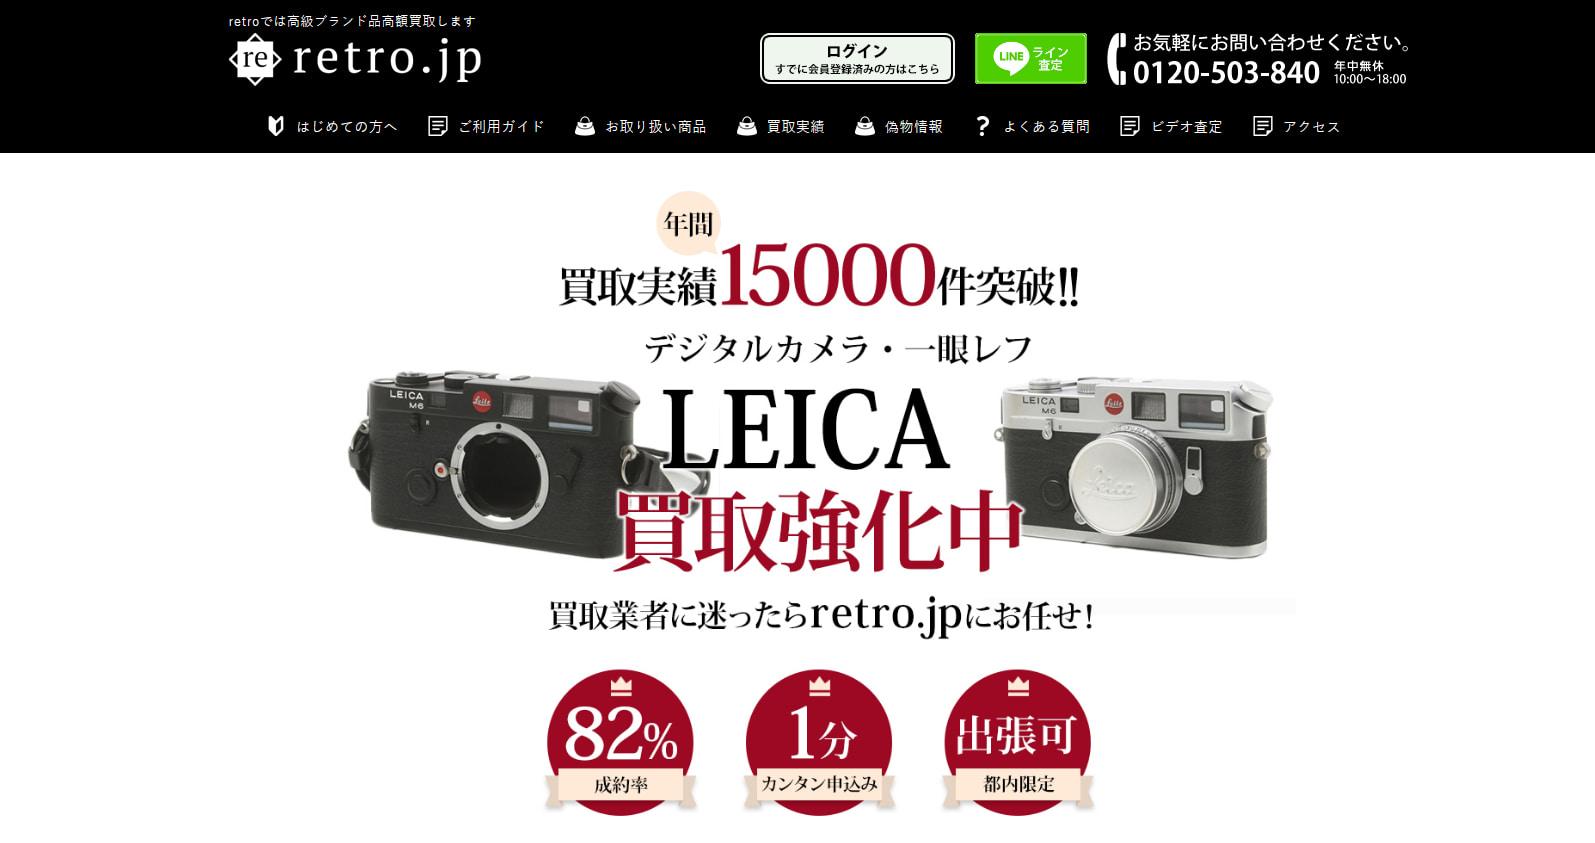 ライカおすすめ買取店retro.jp